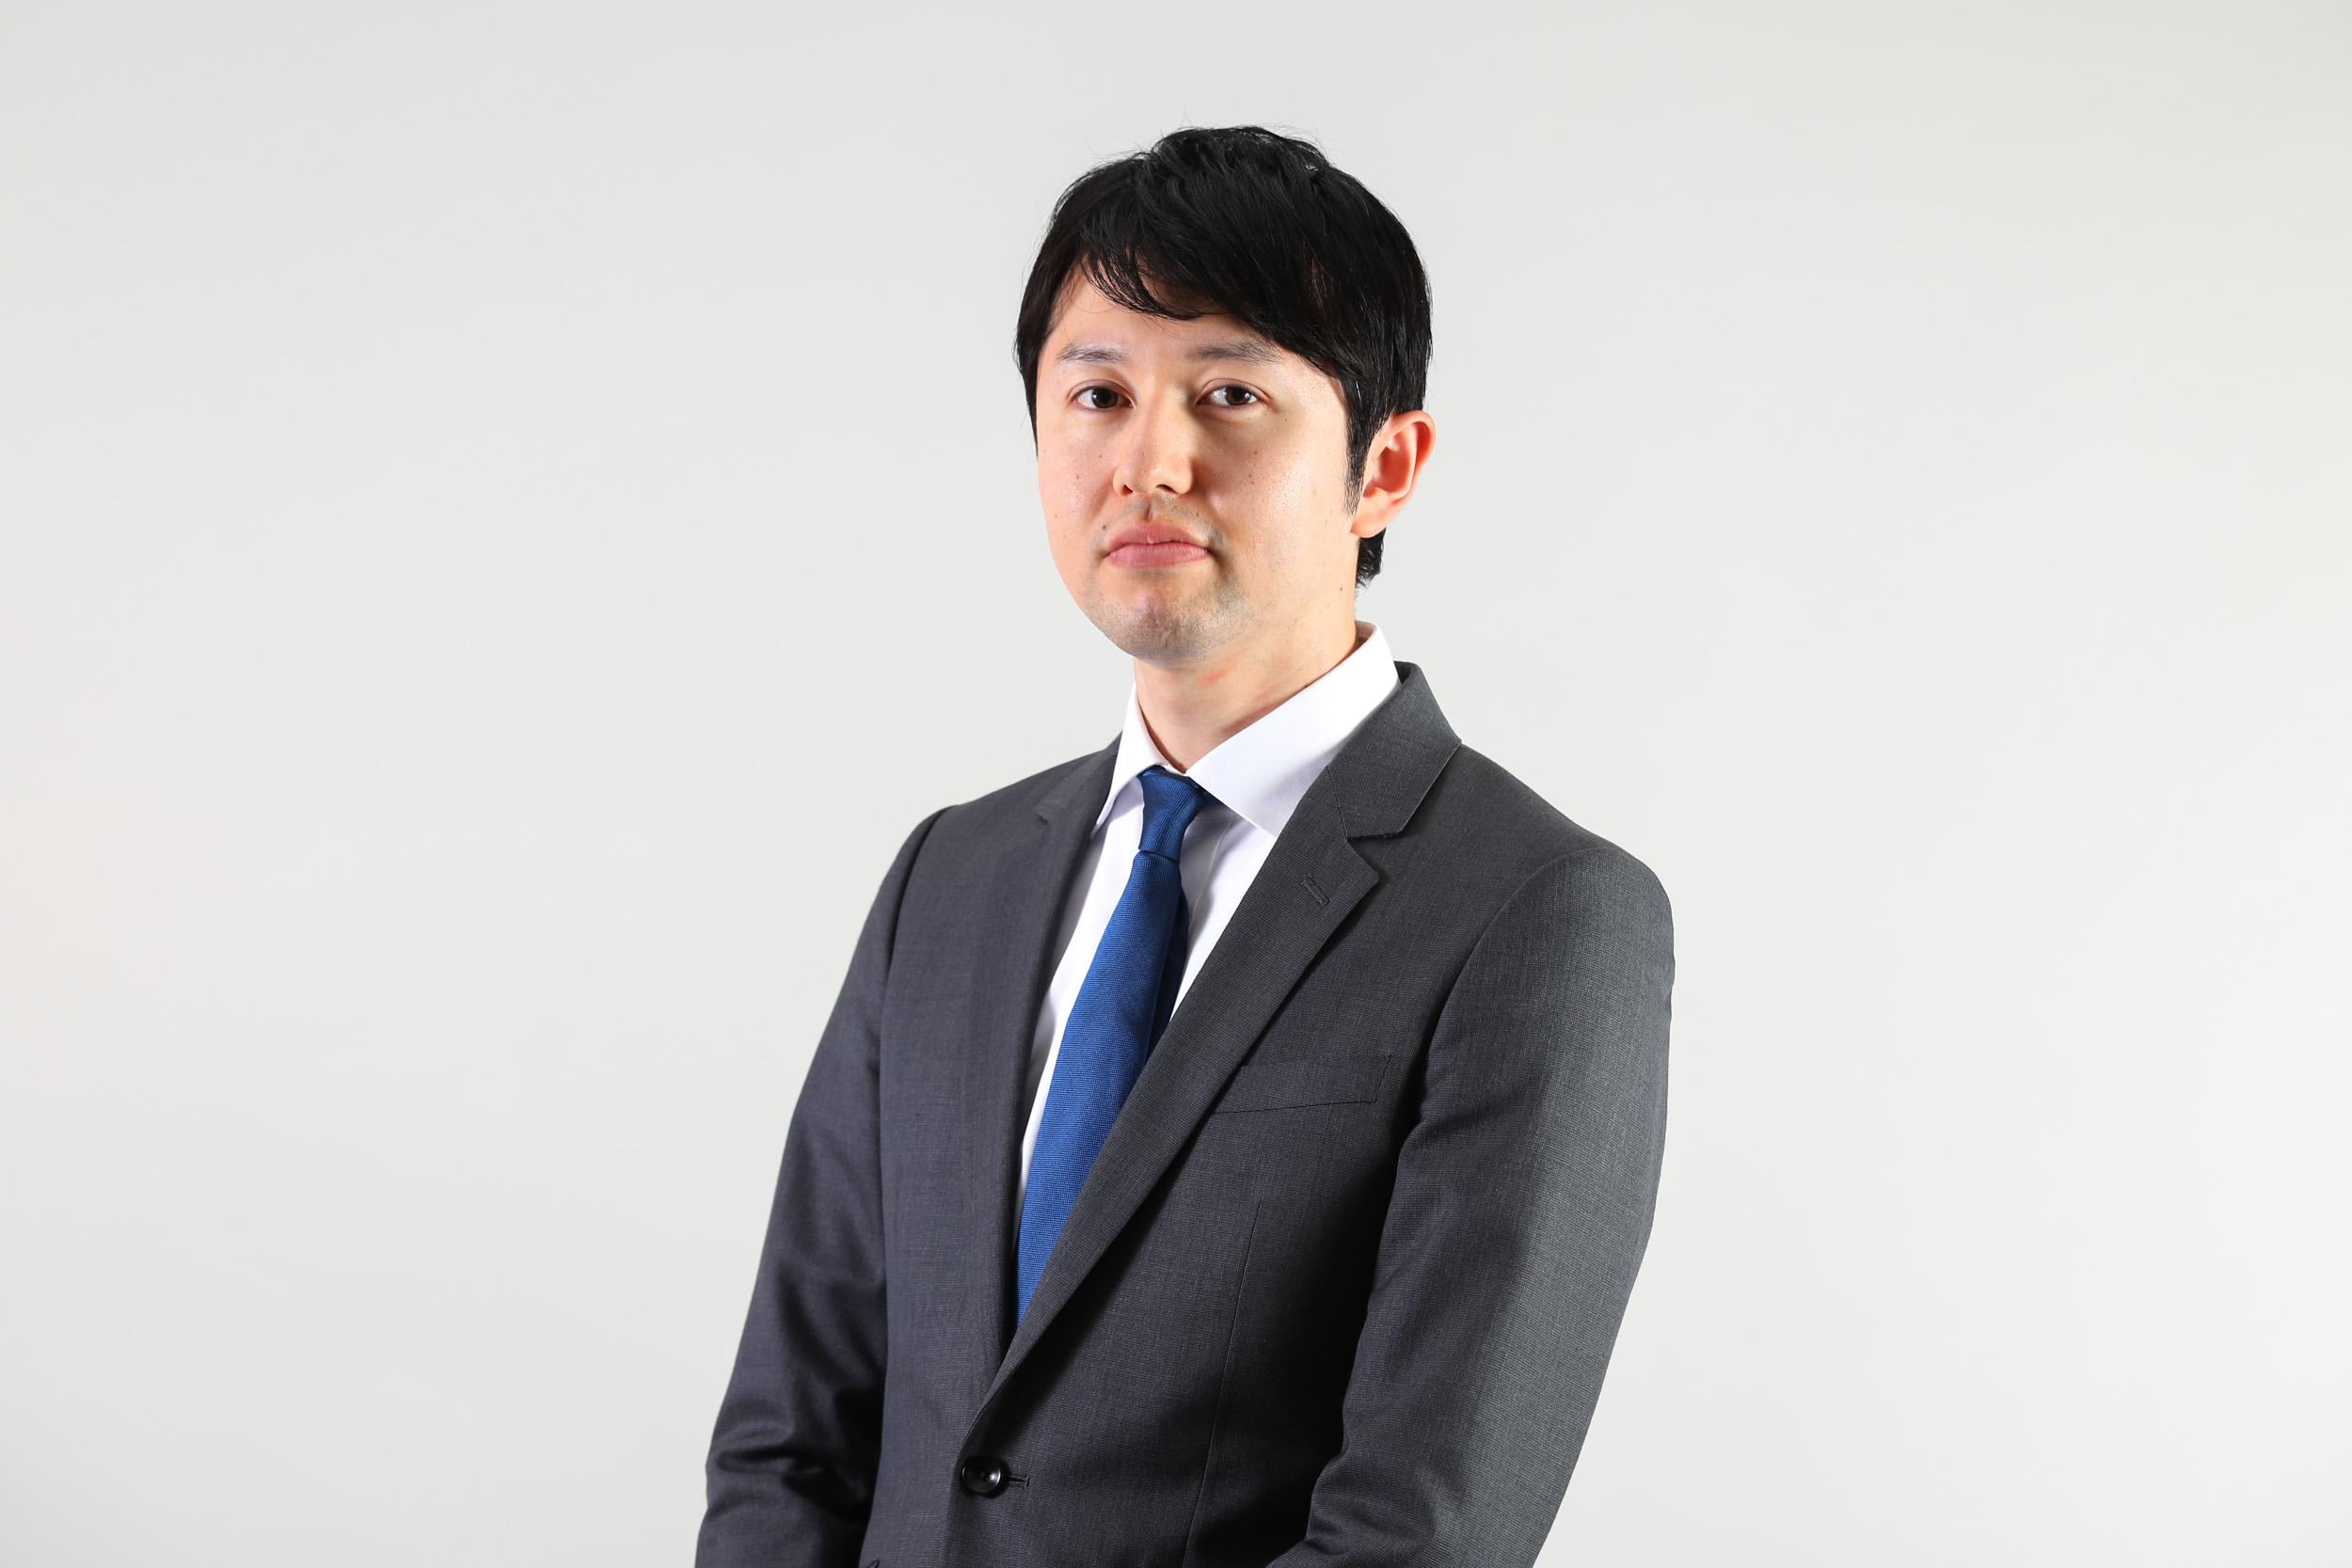 インタビュー:法務部SS池田・自分自身の裁量を持って働ける